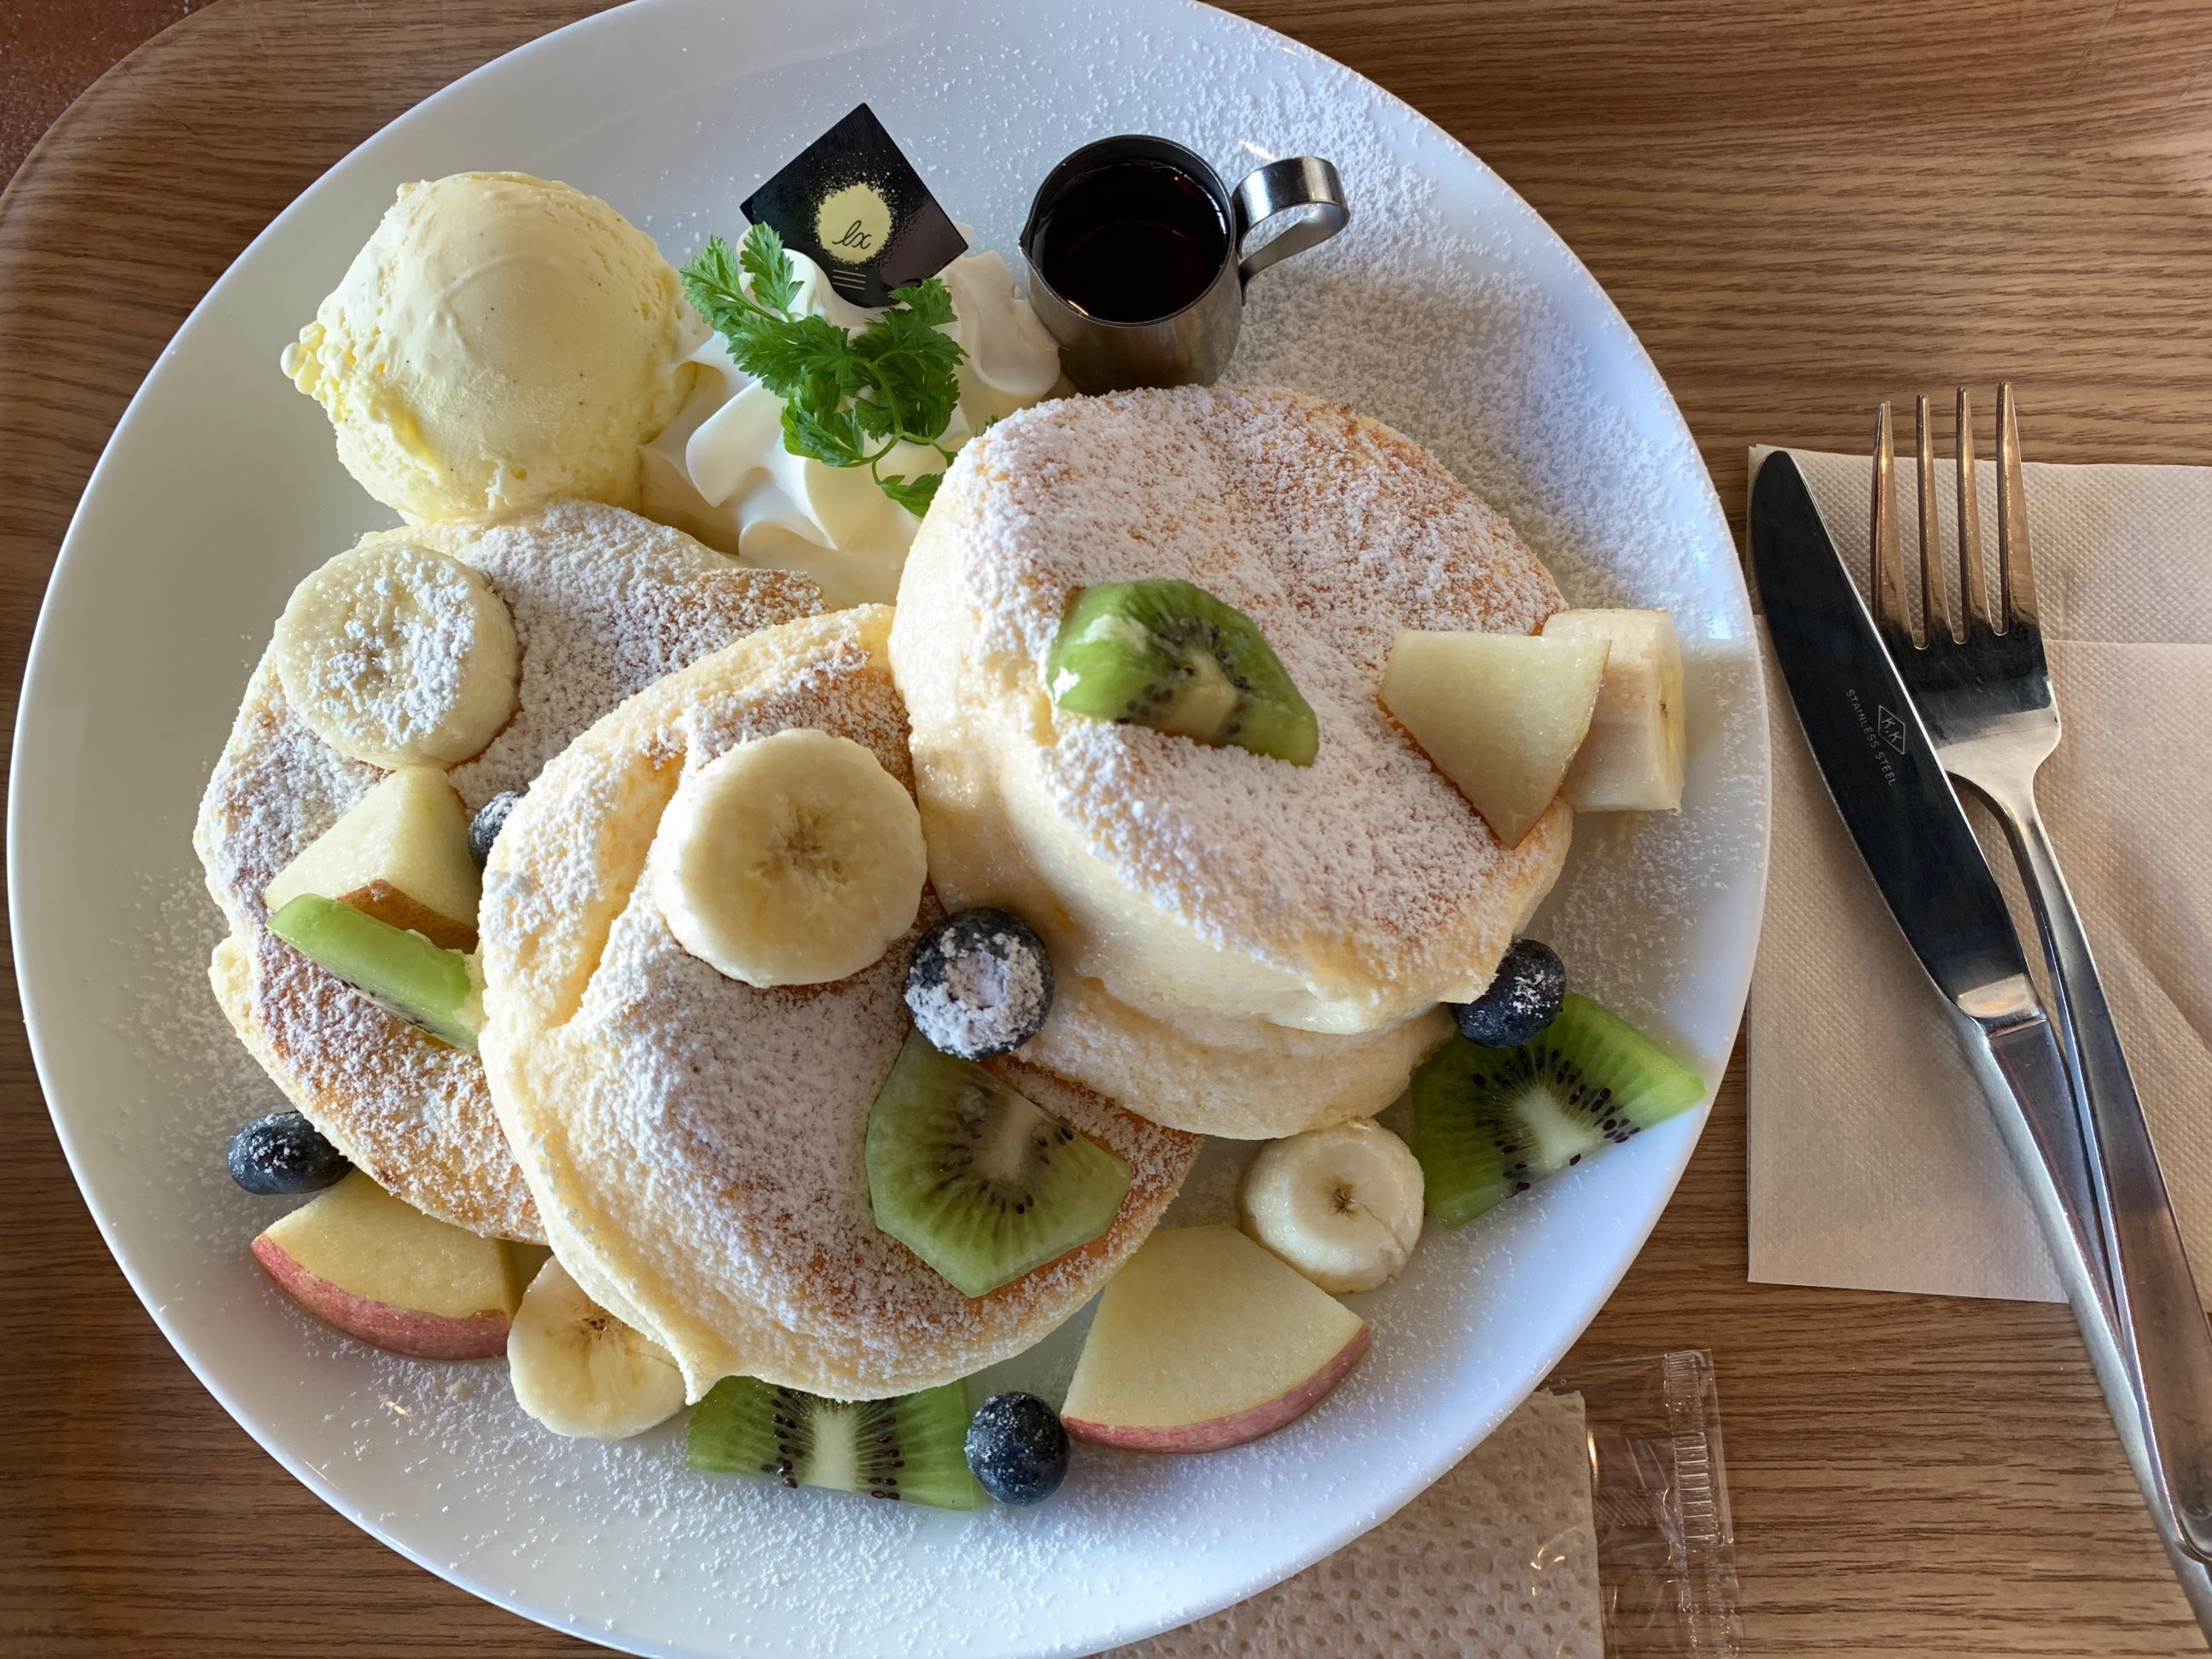 【カフェルクス熊本】浜線でランチ&メニュー@パンケーキが大人気!